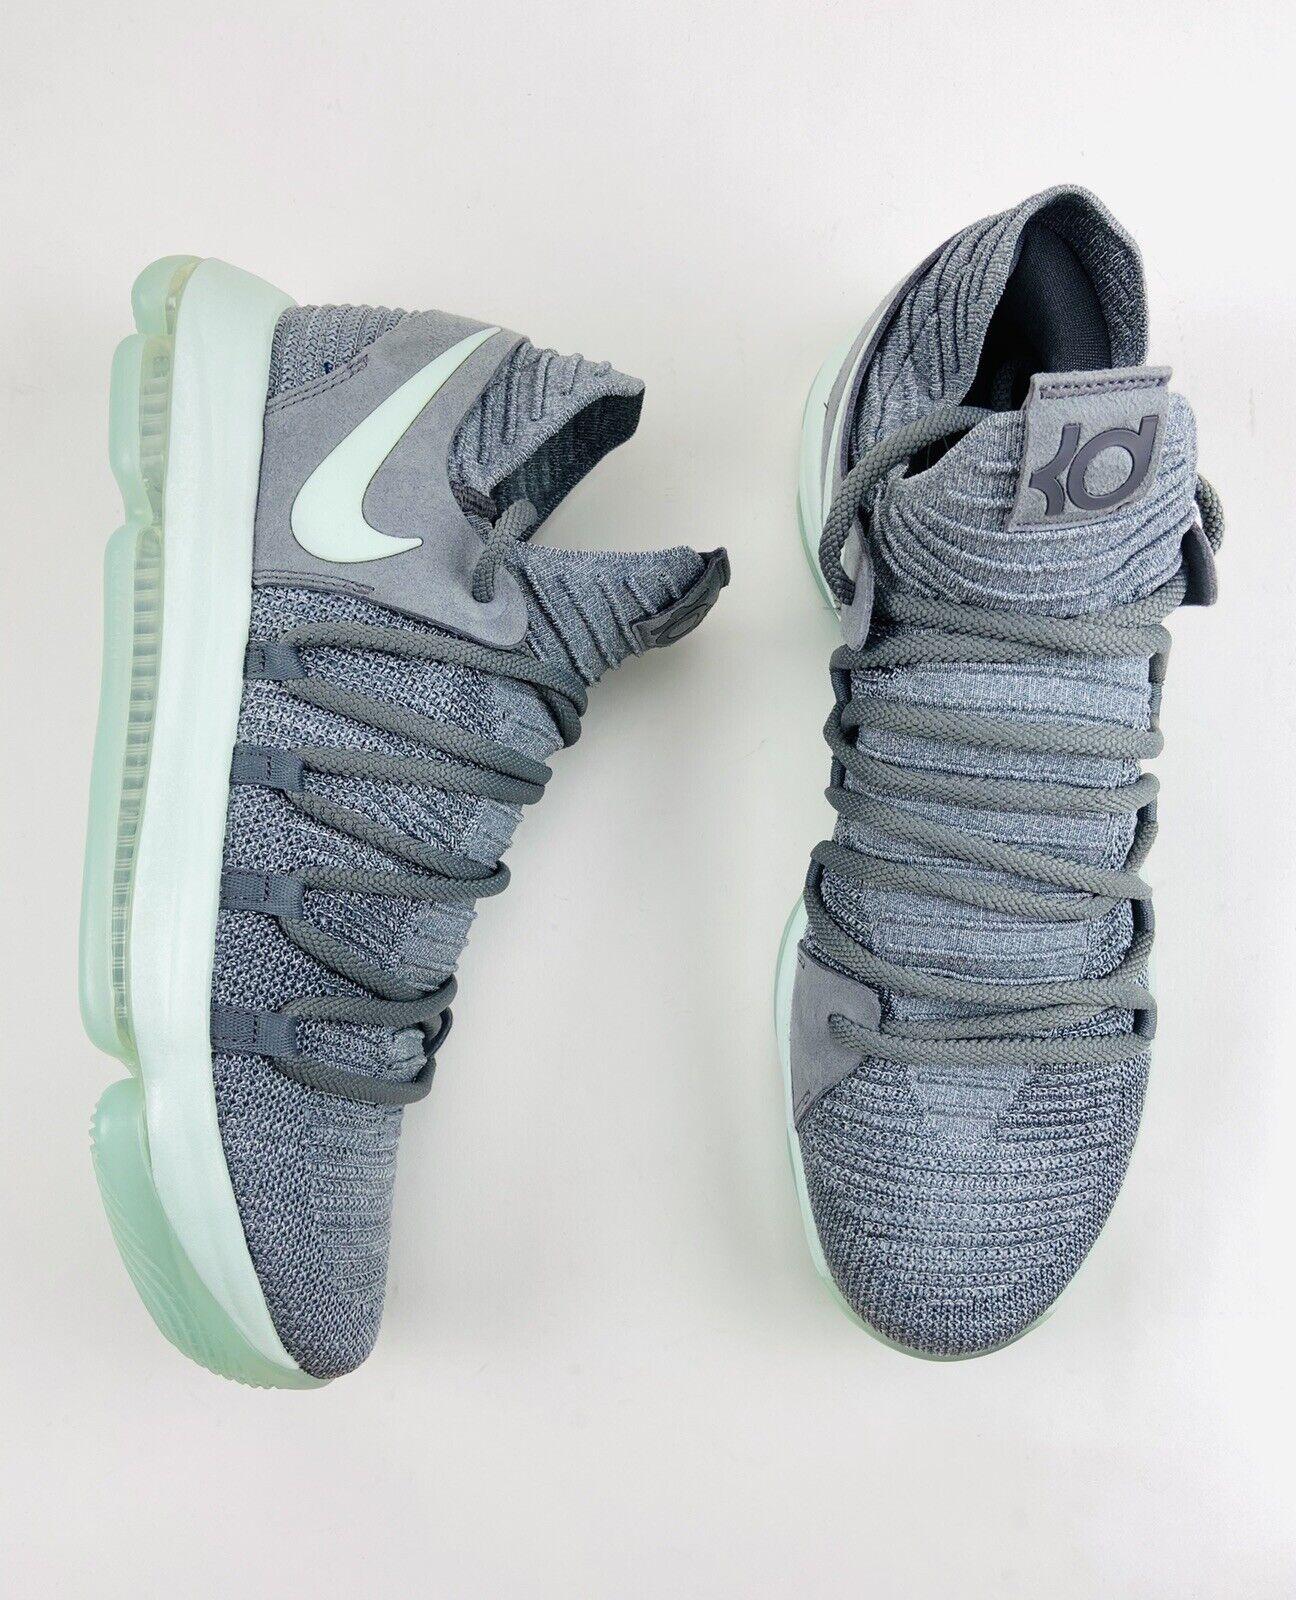 Nike Zoom KD 10 Cool Grey Igloo White